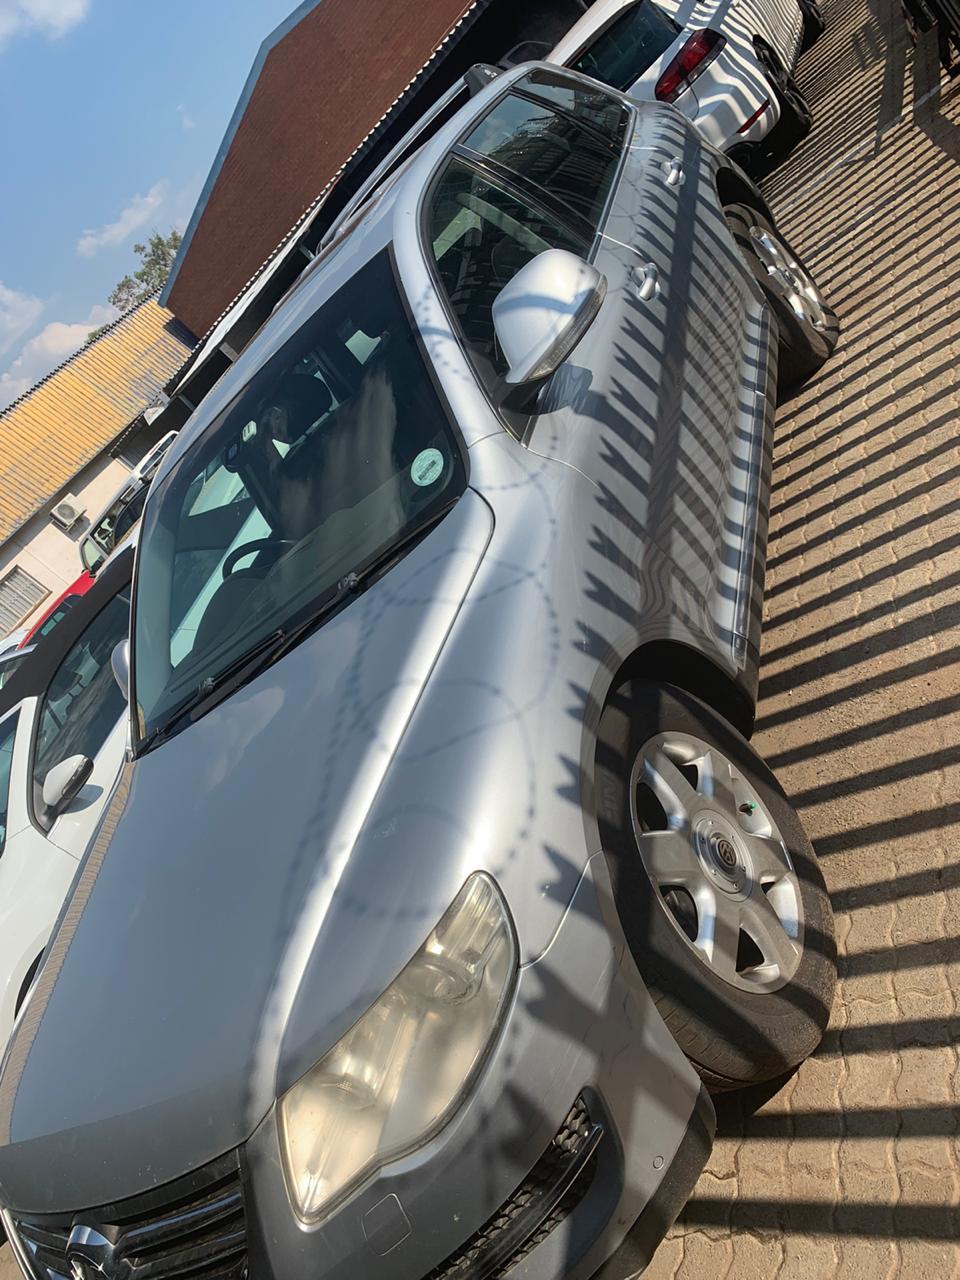 2008 VW Touareg V10 TDI